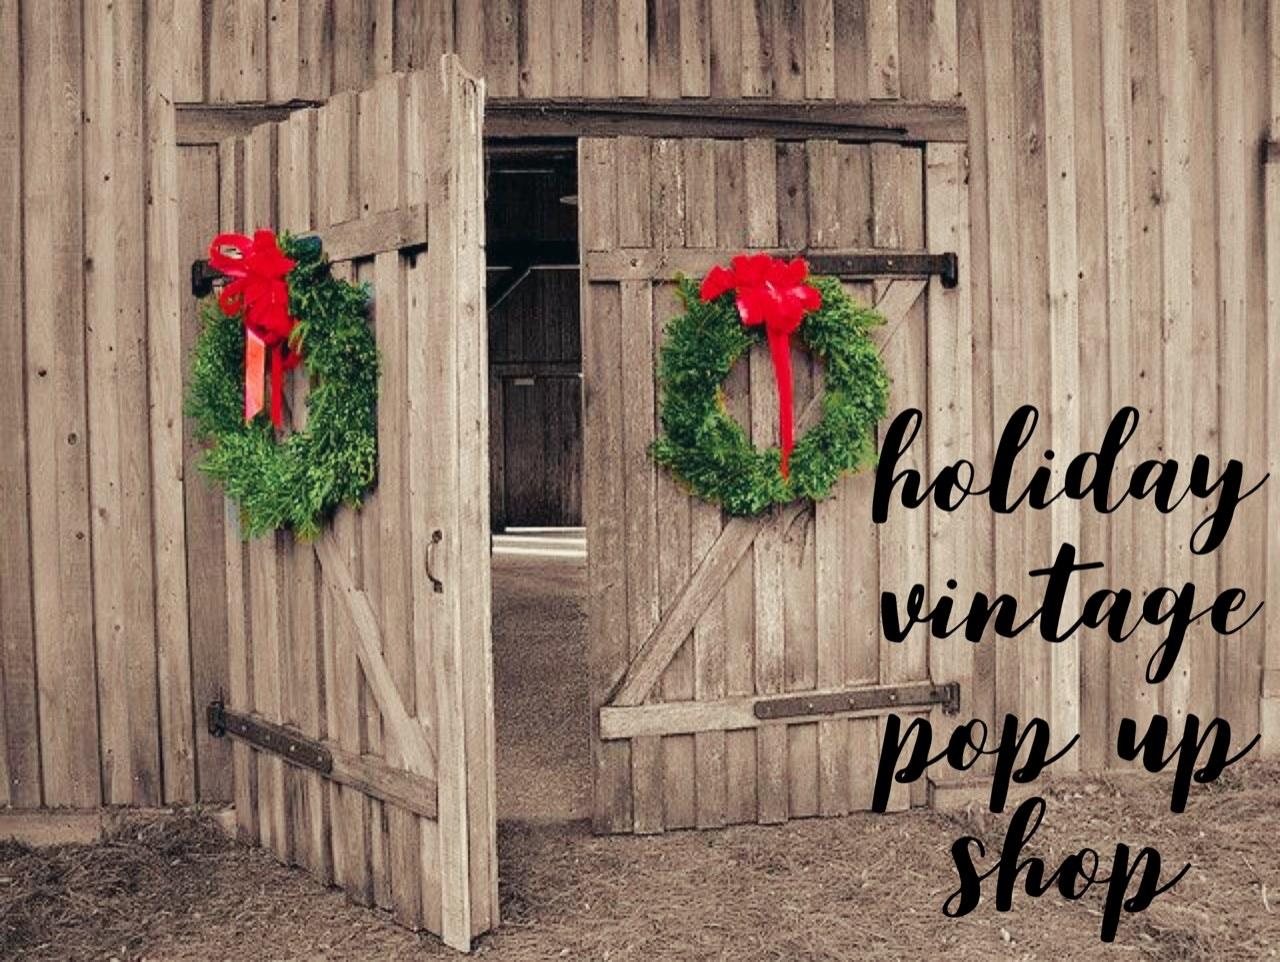 Holiday Vintage Pop Up Shop